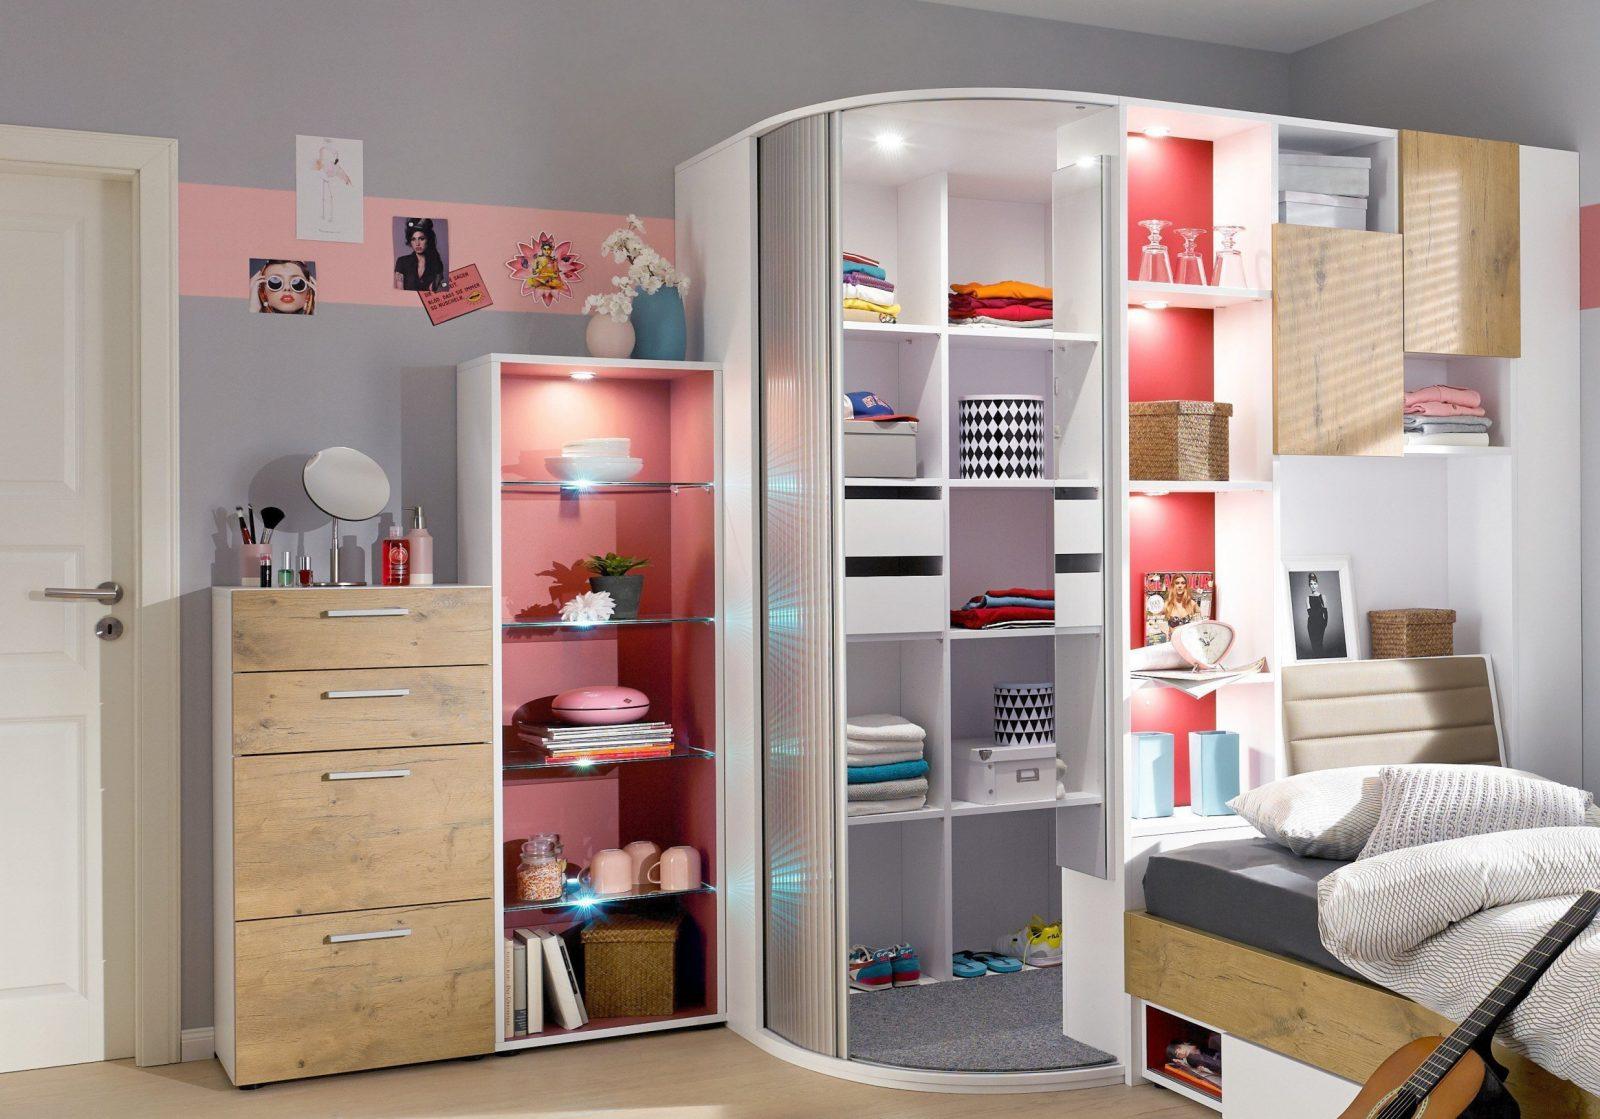 Jugendzimmer Von Rudolf High 5  Eckschrank  Liege  Möbel Letz von Jugendzimmer Mit Begehbarem Schrank Photo